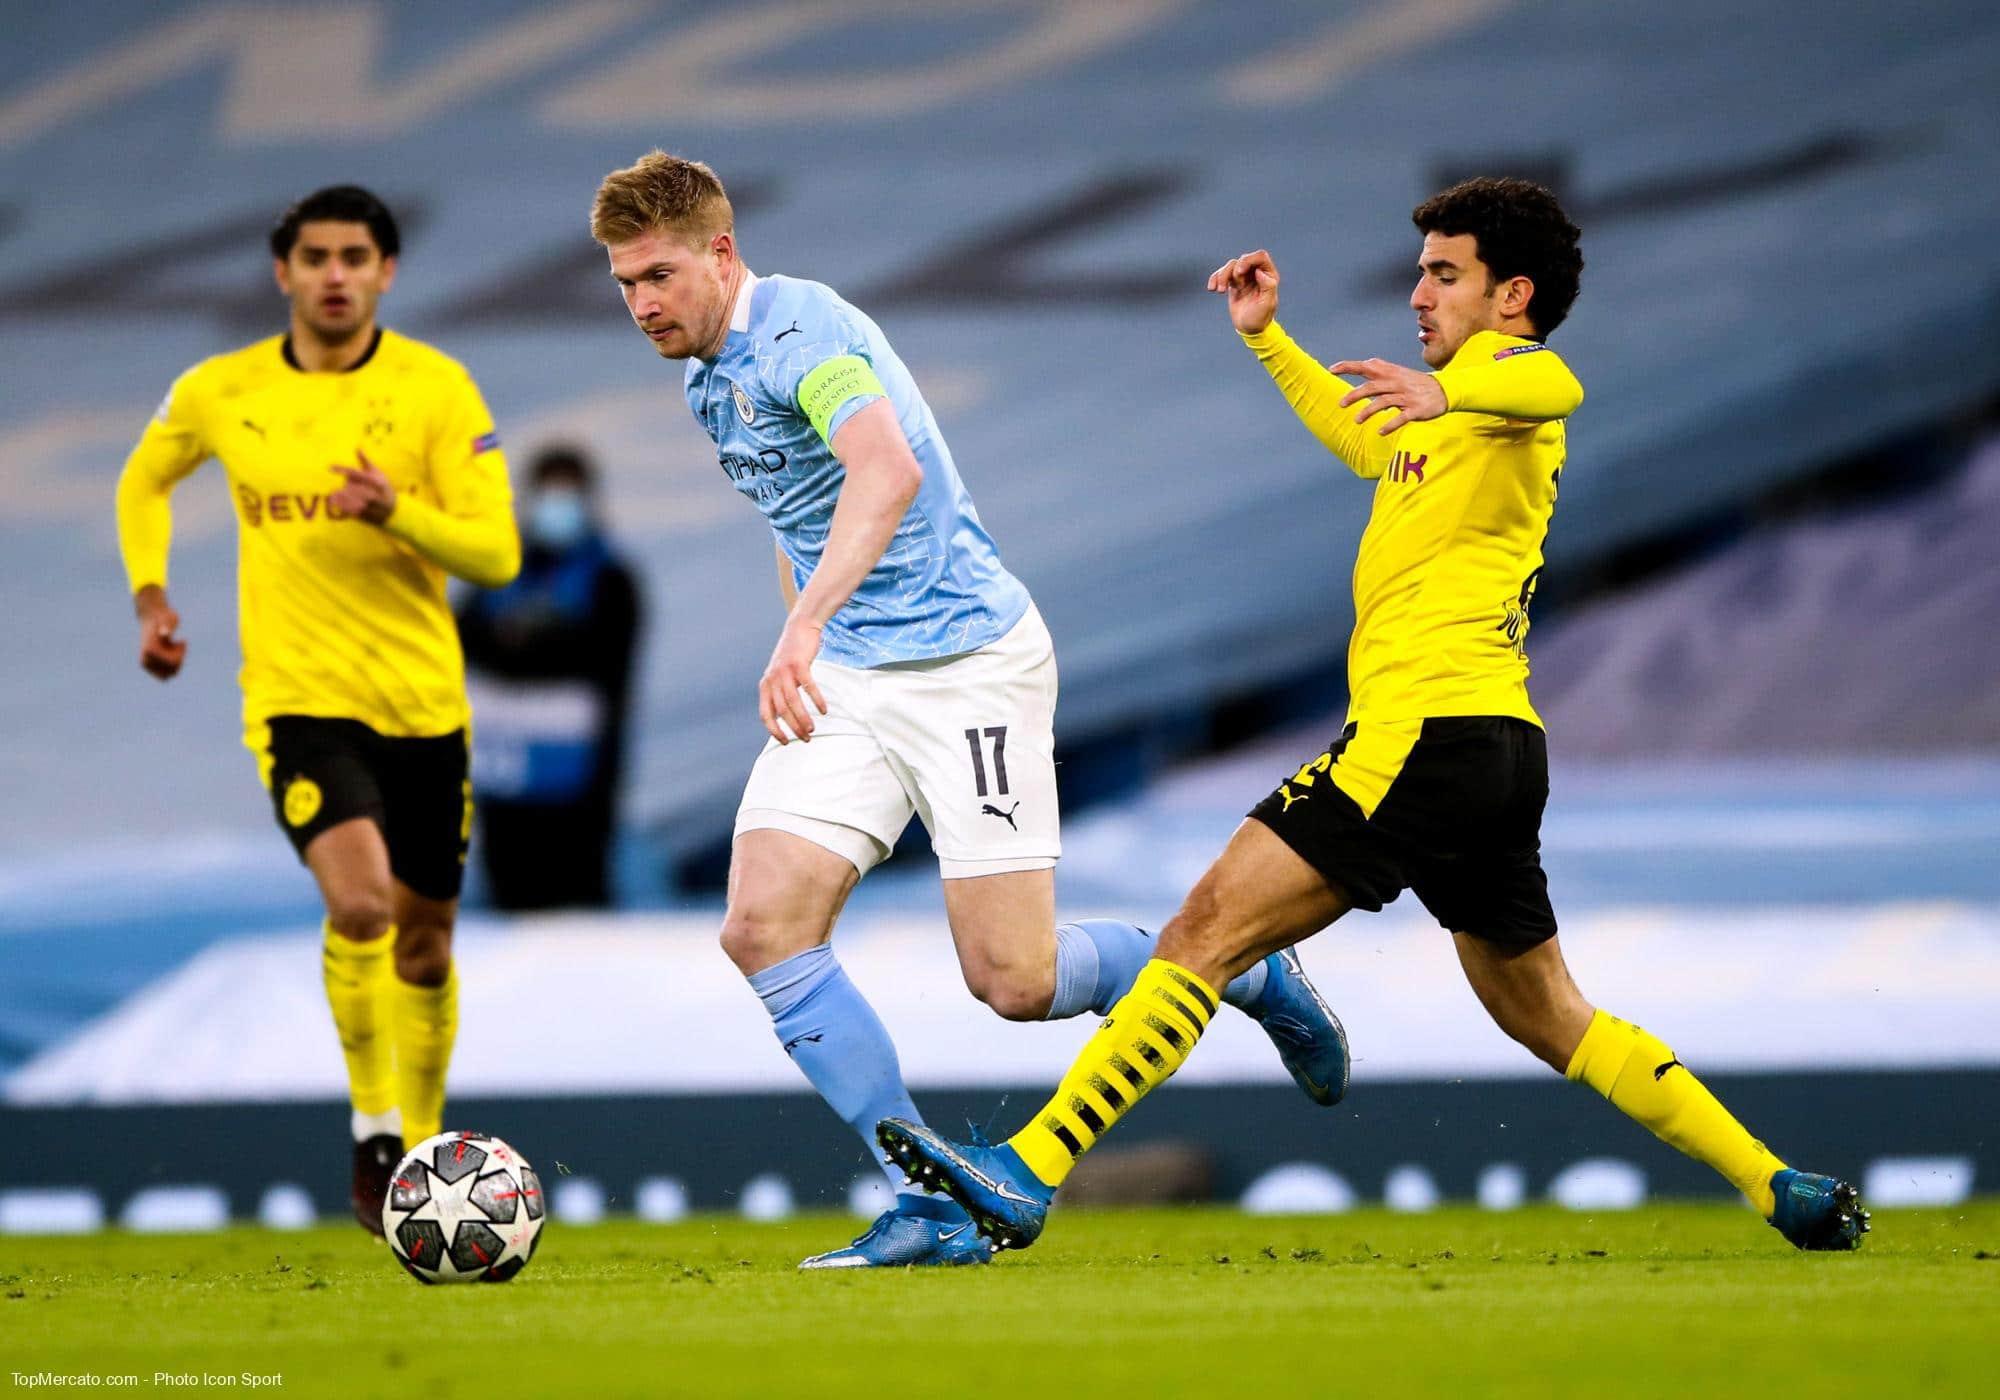 Kevi de Bruyne et Mateu Morey, Manchester City - Borussia Dortmund